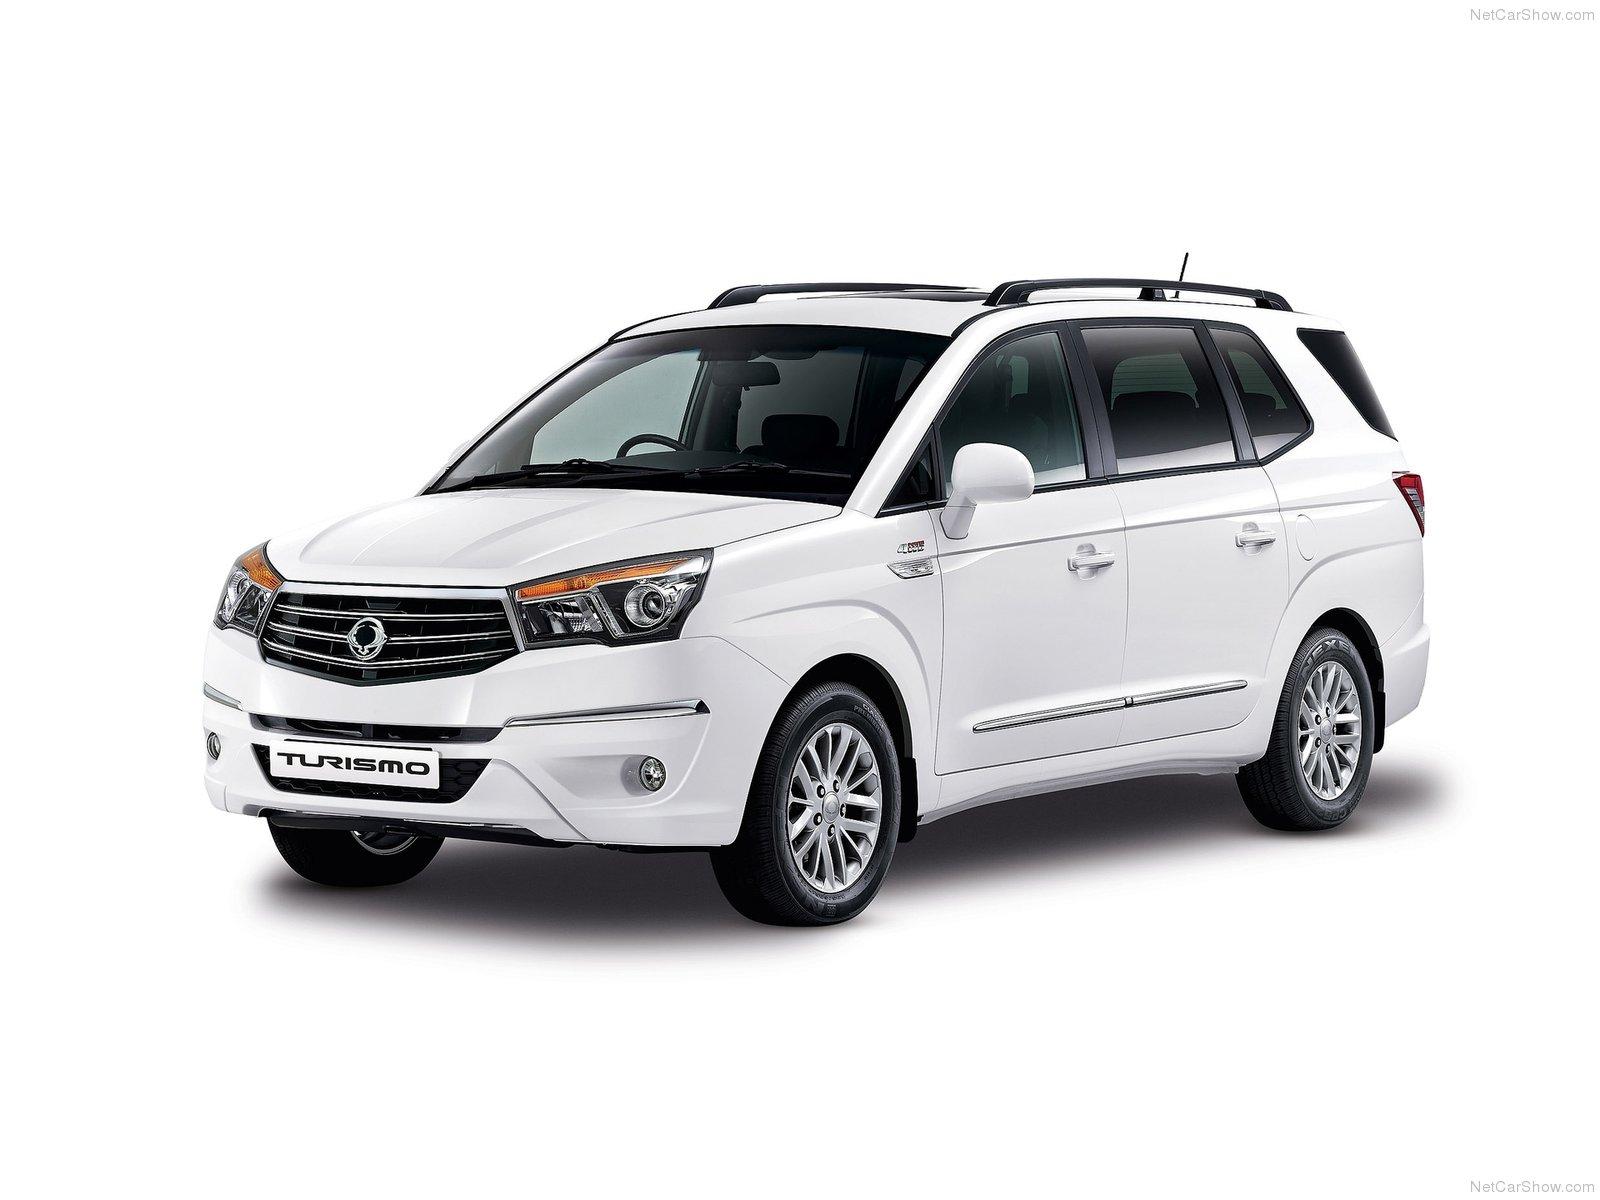 Hình ảnh xe ô tô SsangYong Turismo 2013 & nội ngoại thất